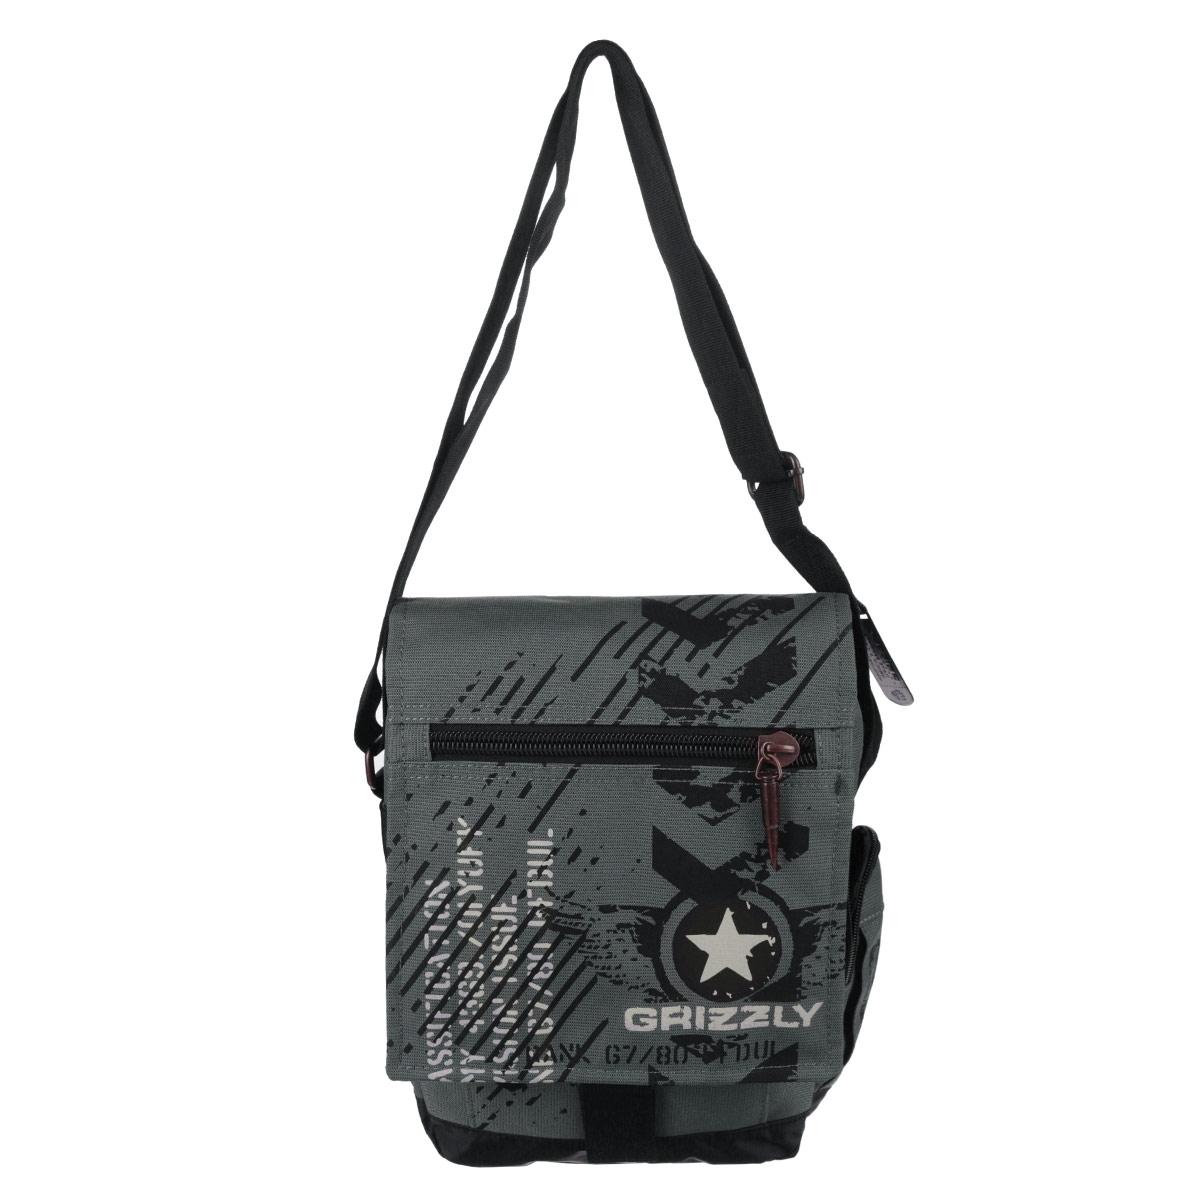 Сумка молодежная Grizzly, цвет: серый. MM-501-6MM-501-6/3Молодежная сумка с одним отделением, плоским карманом на молнии на клапане, плоским карманом на передней стенке, задним карманом, объемным боковым карманом на молнии, с рменными петлями на боковой стенке, срегулирующимся плечевым ремнем и комуфлированной подкладкой